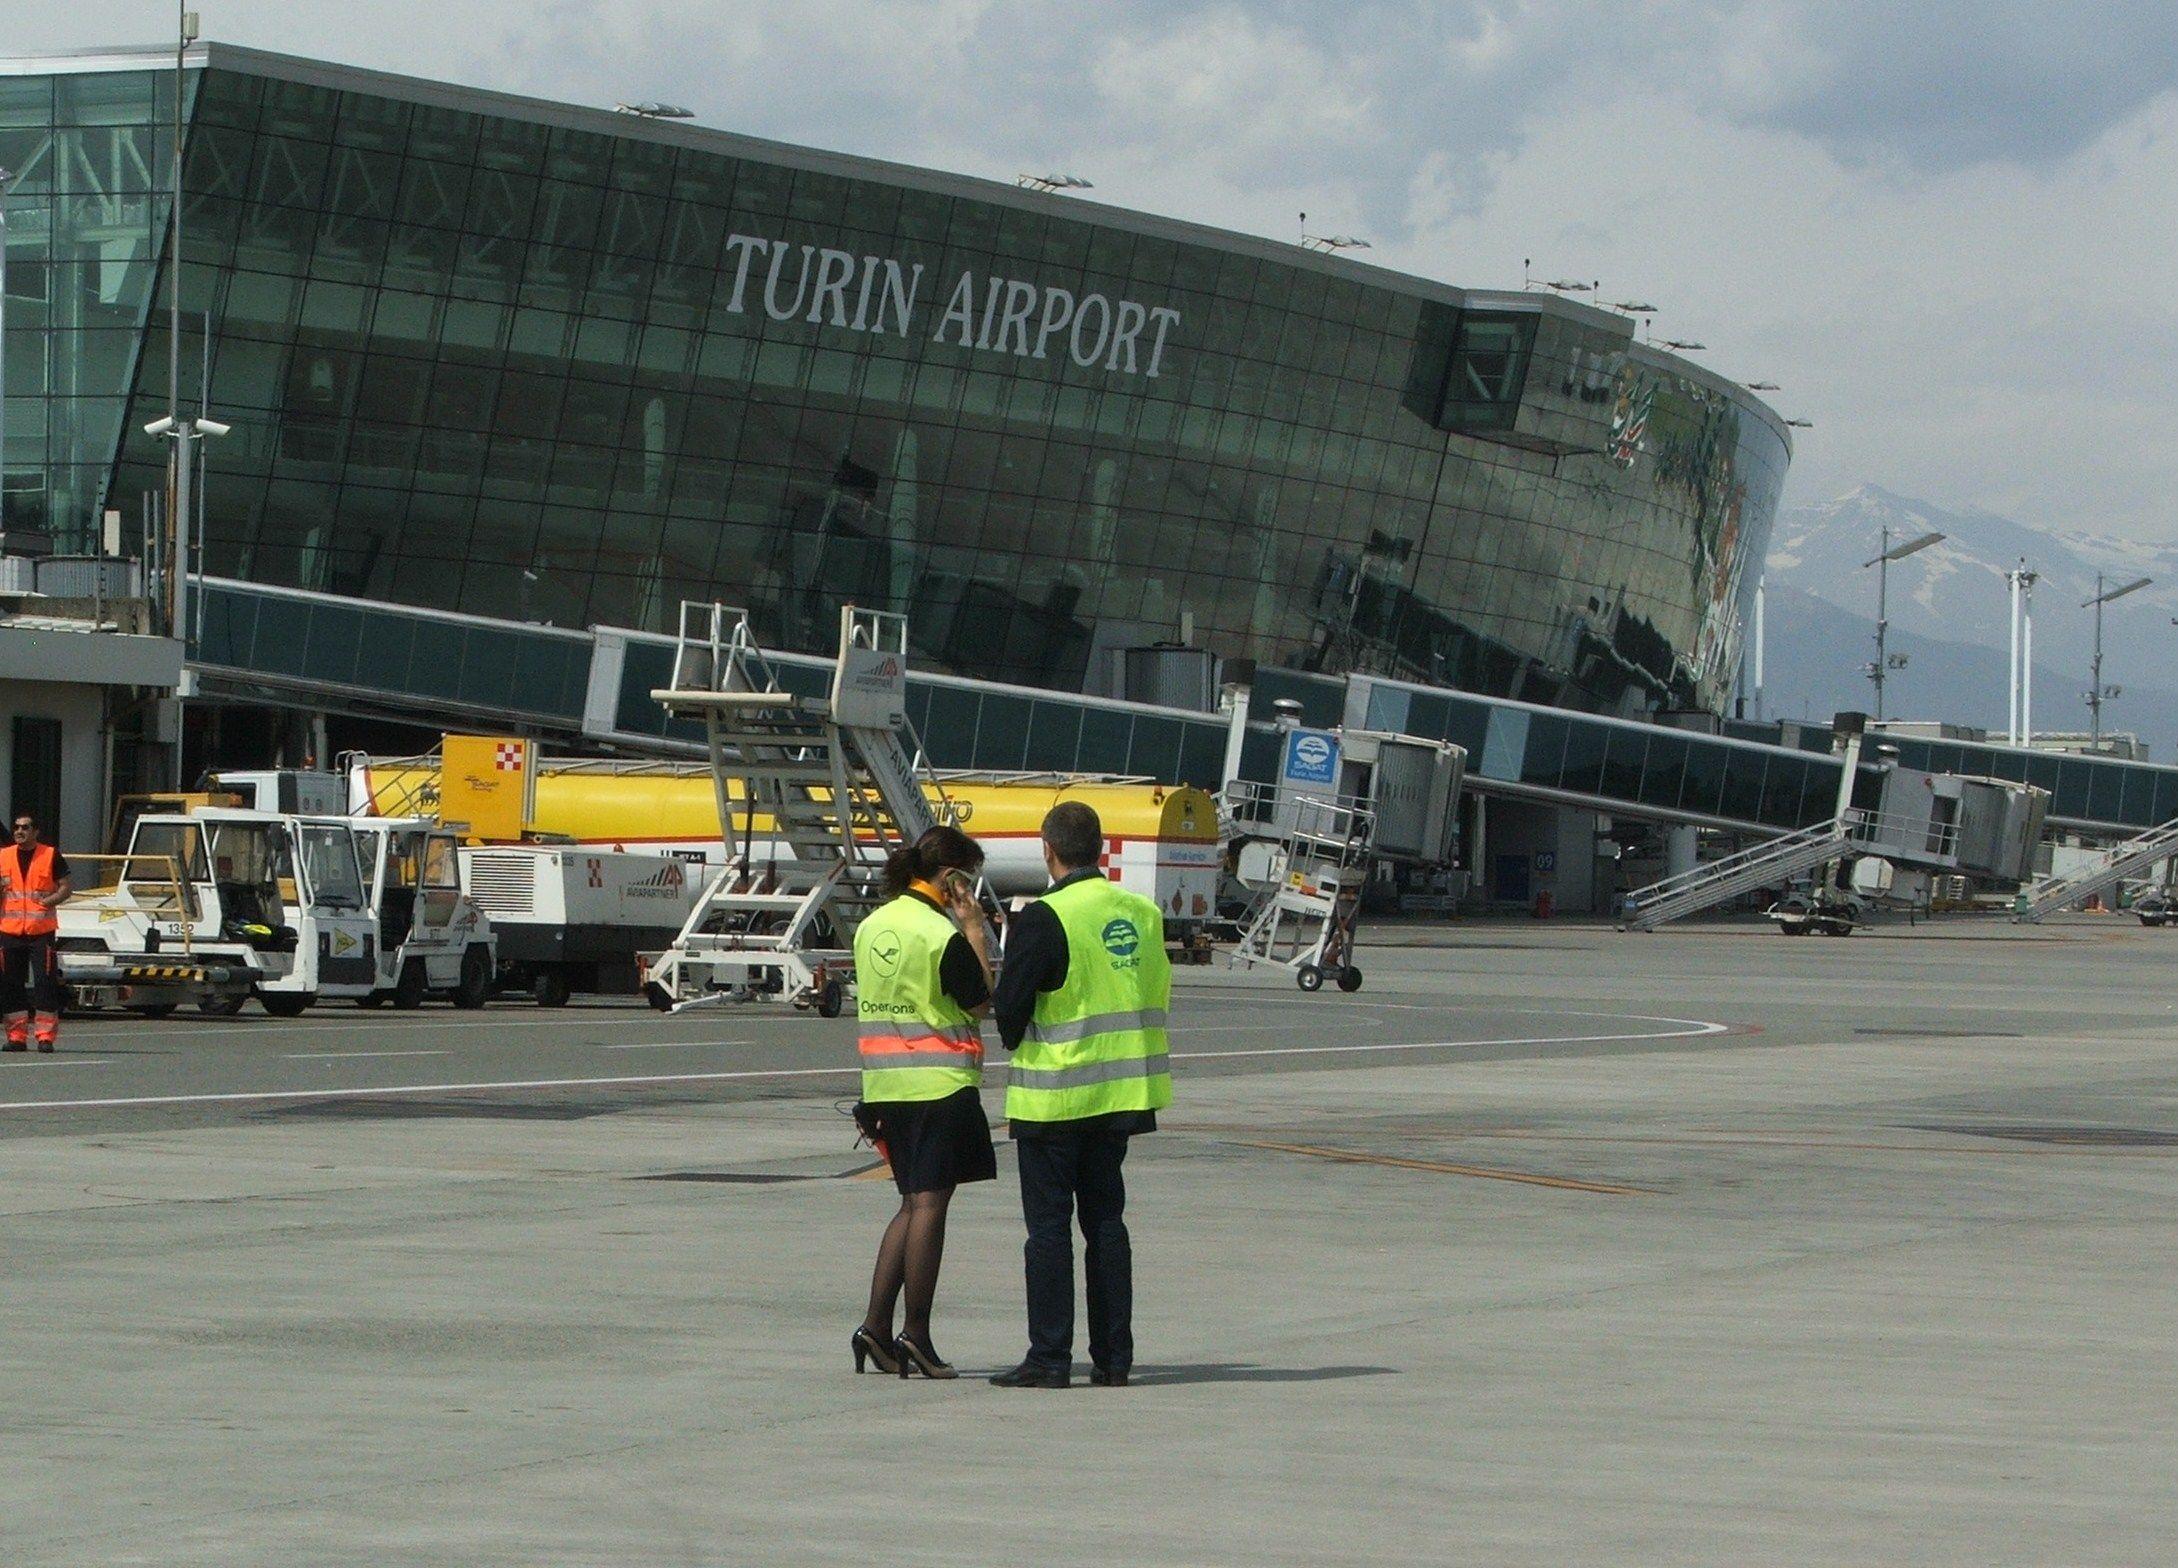 CASELLE - Forte vento, aereo dirottato: associazione Codici contro Ryanair